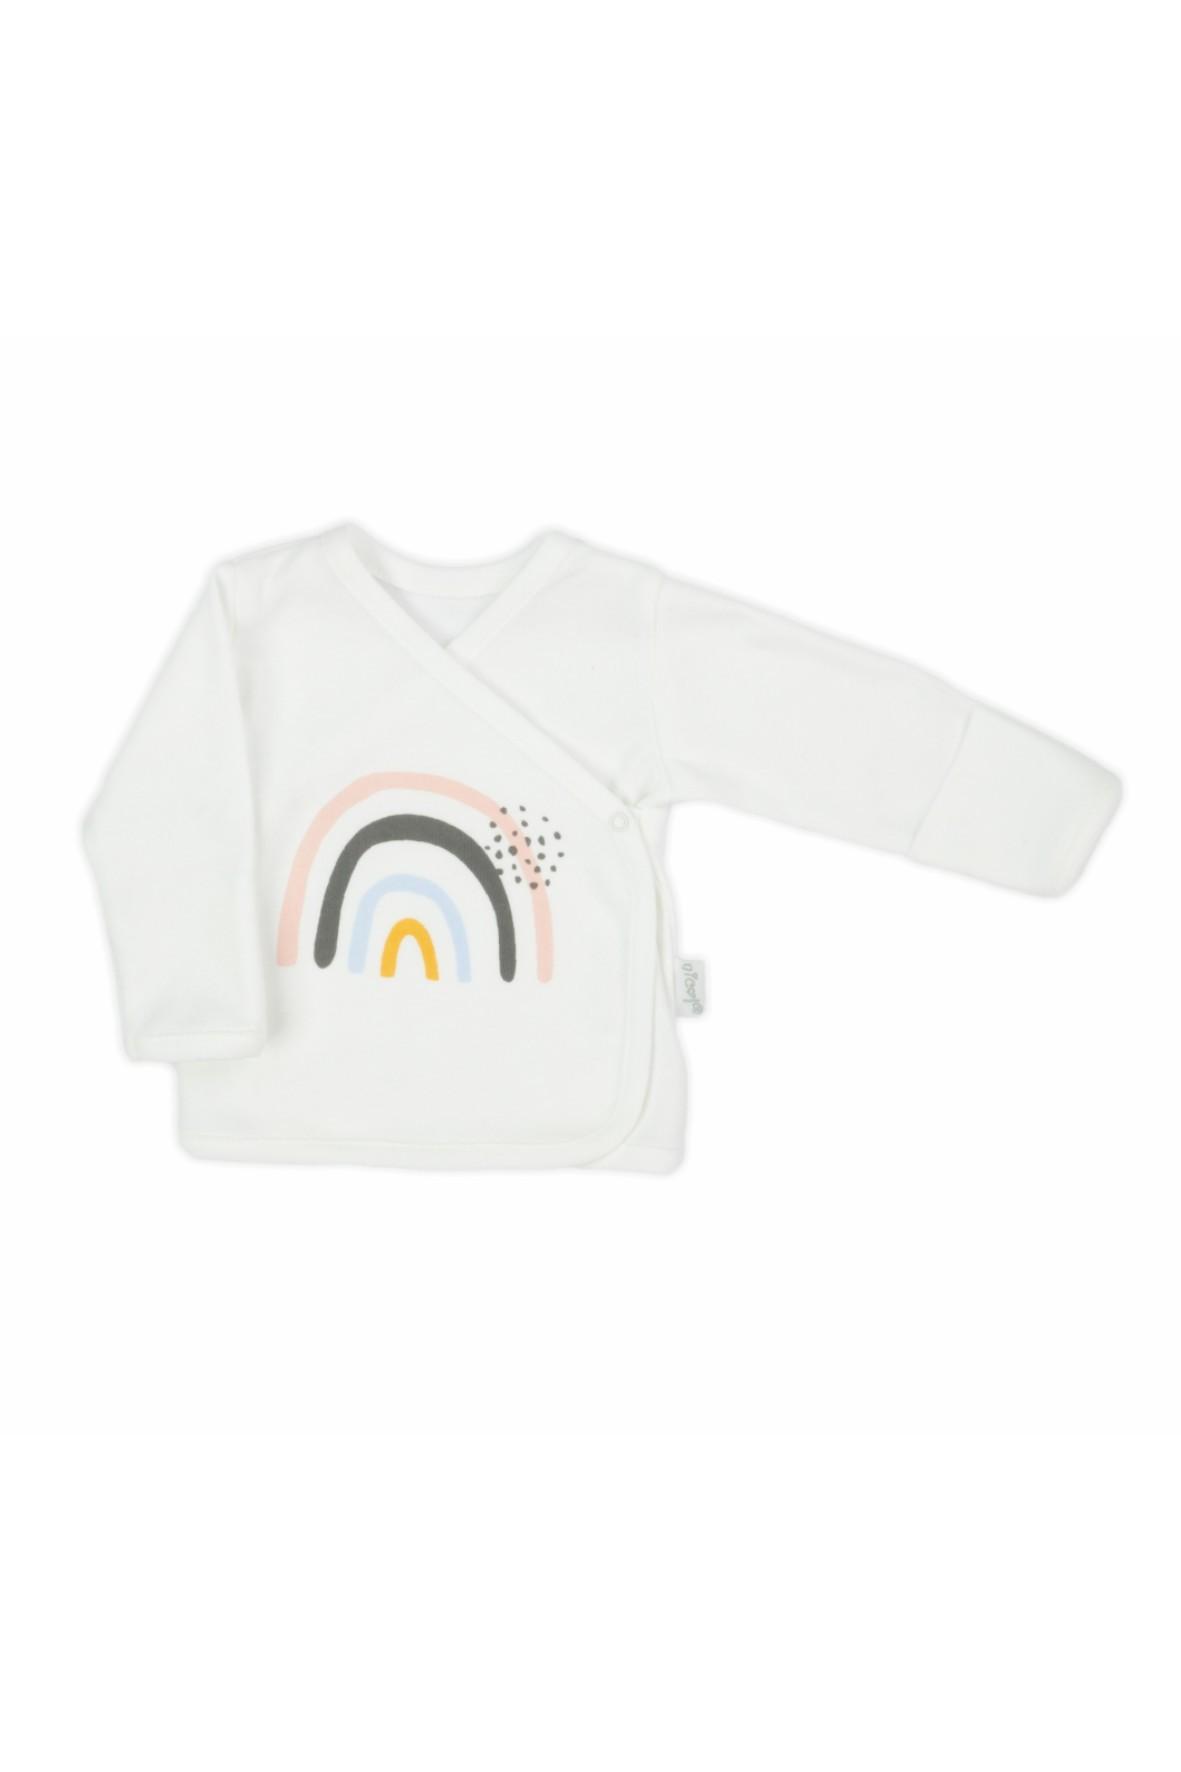 Bawełniany kaftanik dla noworodka - Rainbow